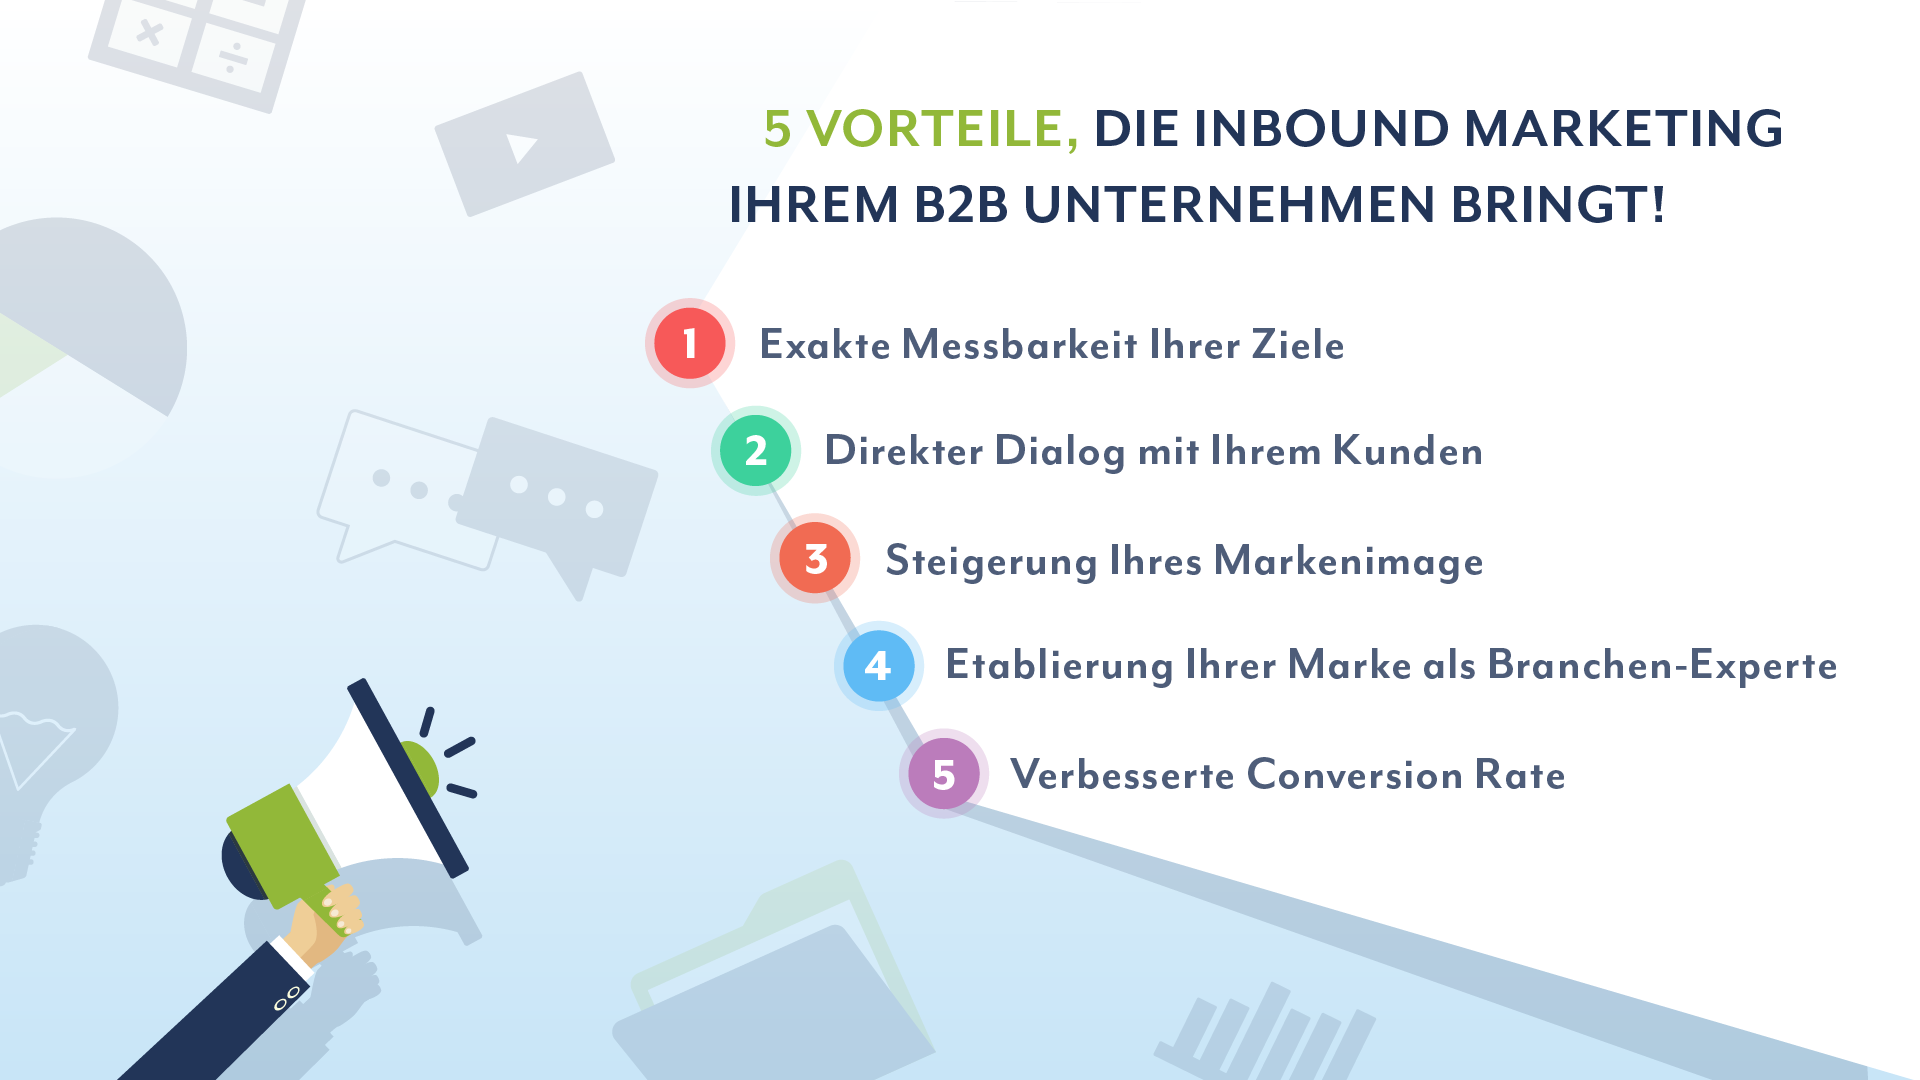 5 Vorteile, die Inbound Marketing Ihrem B2B Unternehmen bringt